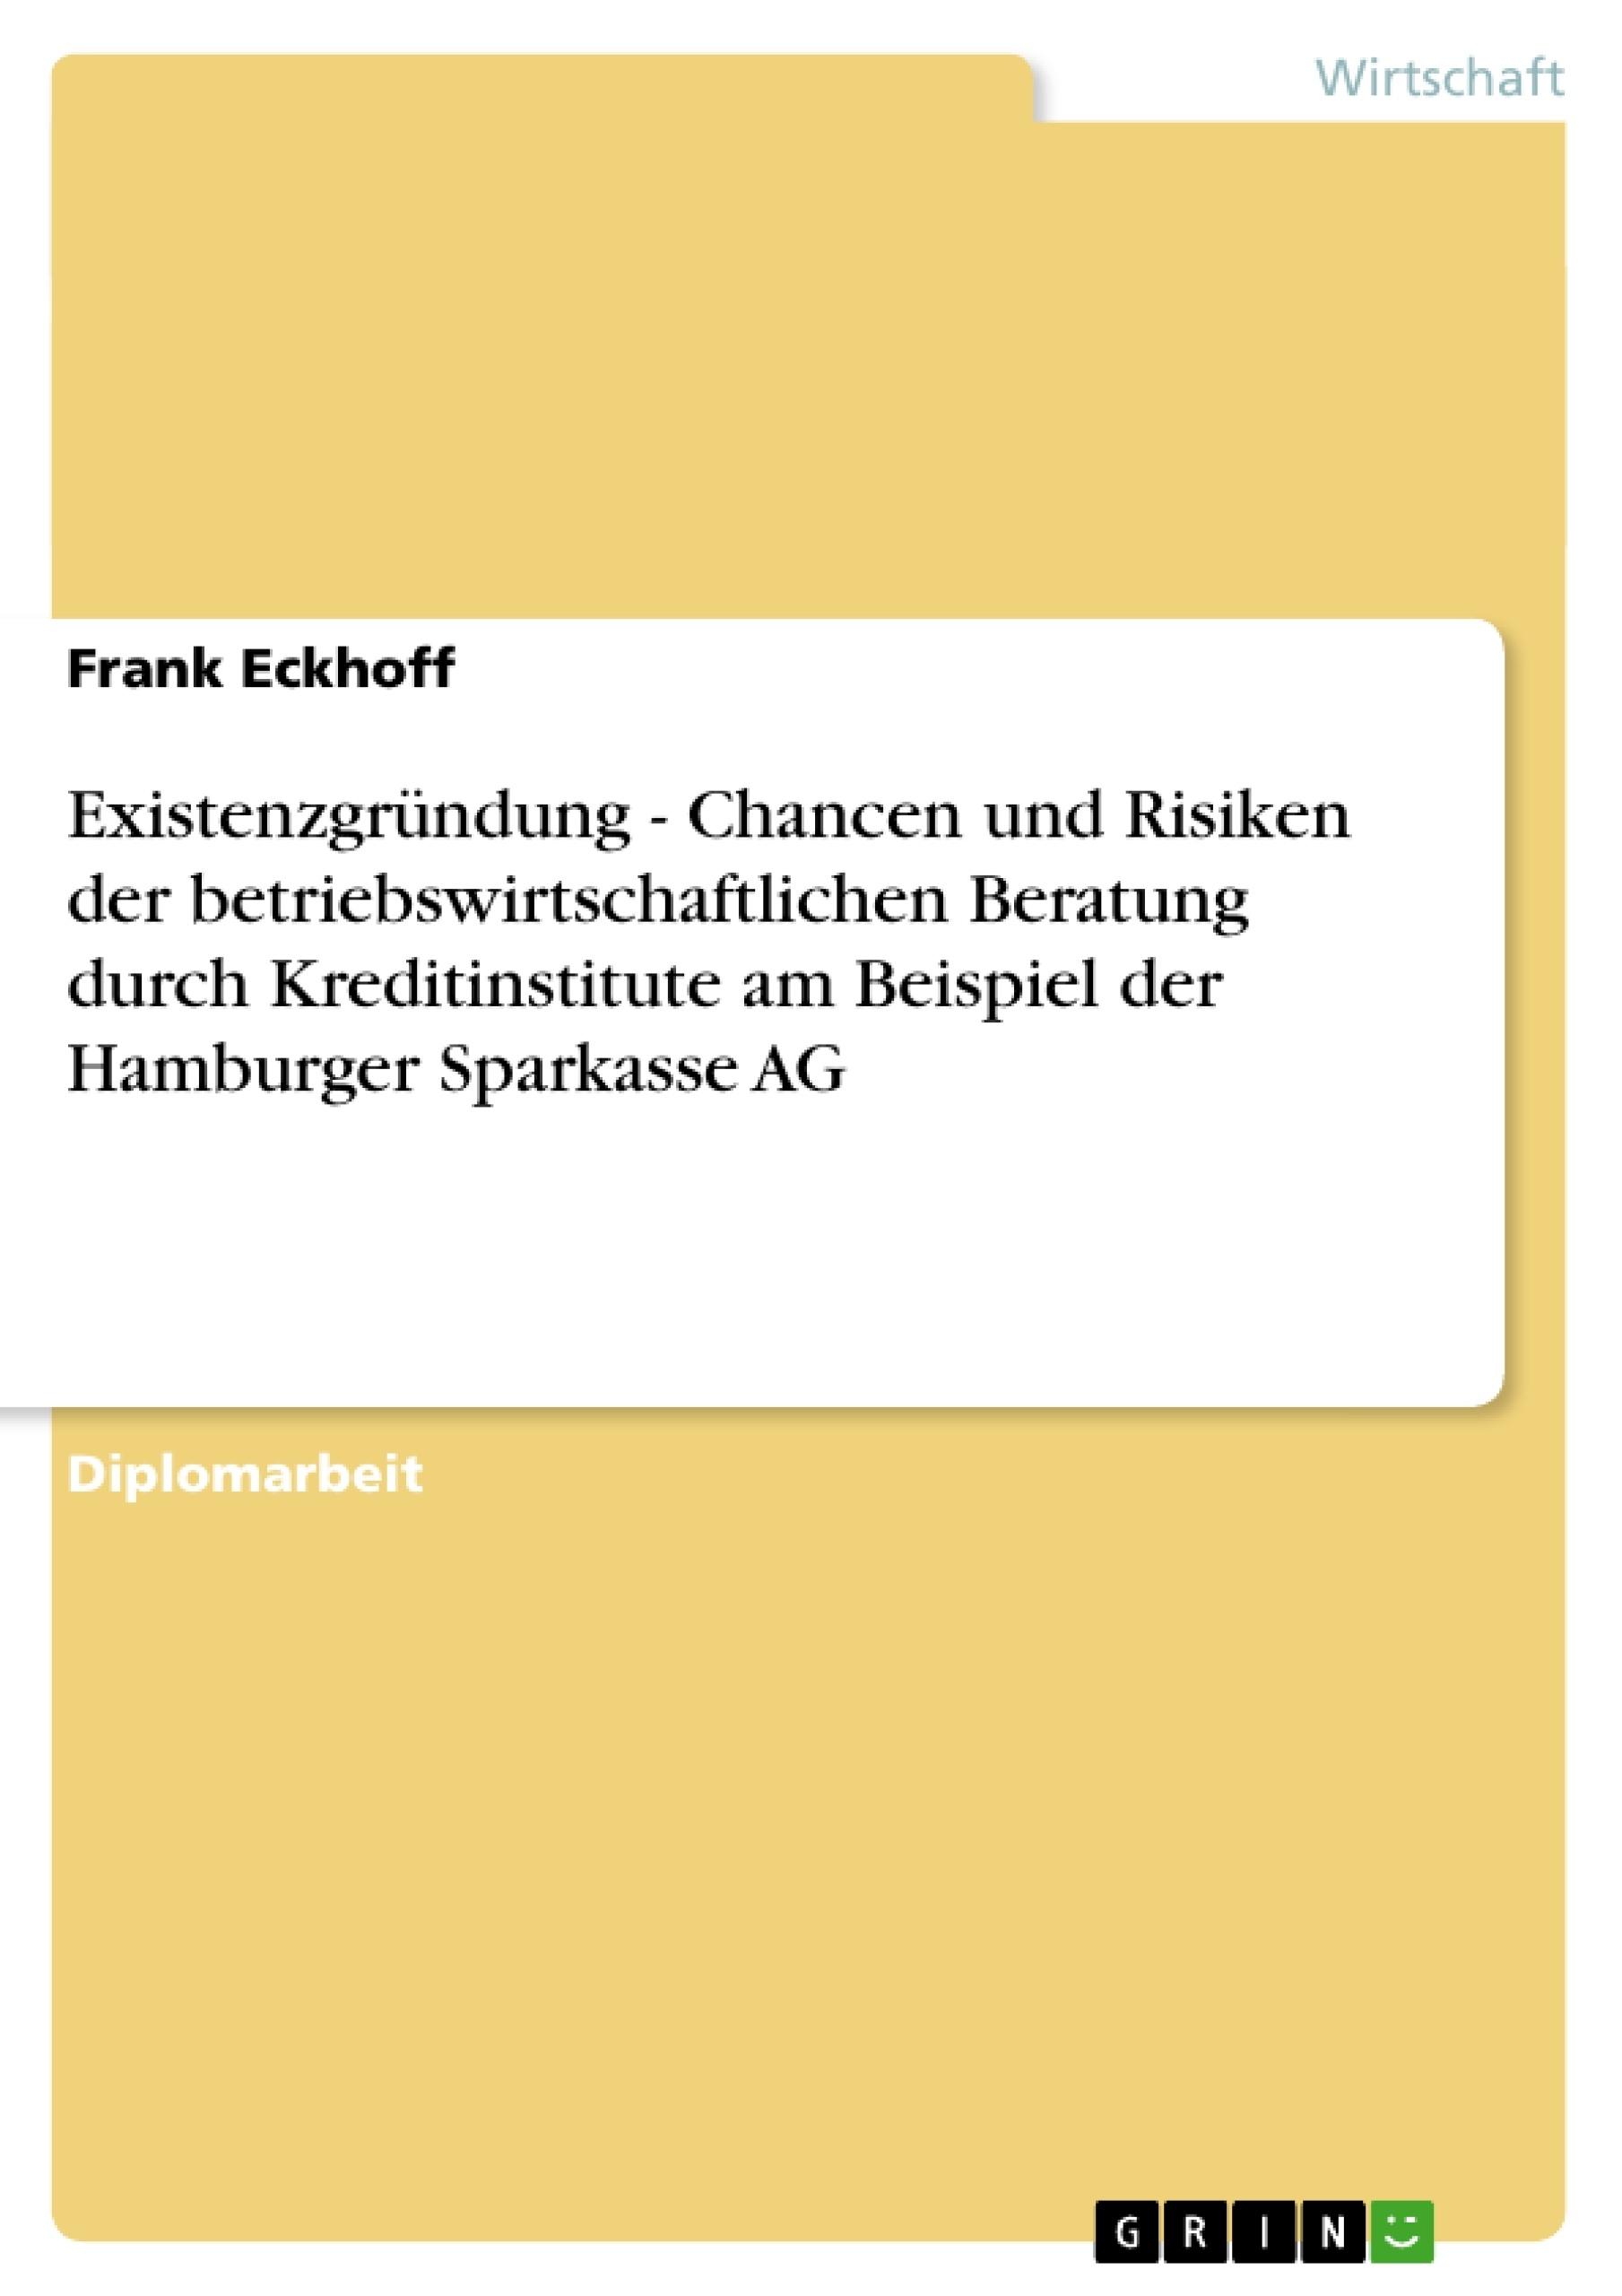 Titel: Existenzgründung - Chancen und Risiken der betriebswirtschaftlichen Beratung durch Kreditinstitute am Beispiel der Hamburger Sparkasse AG